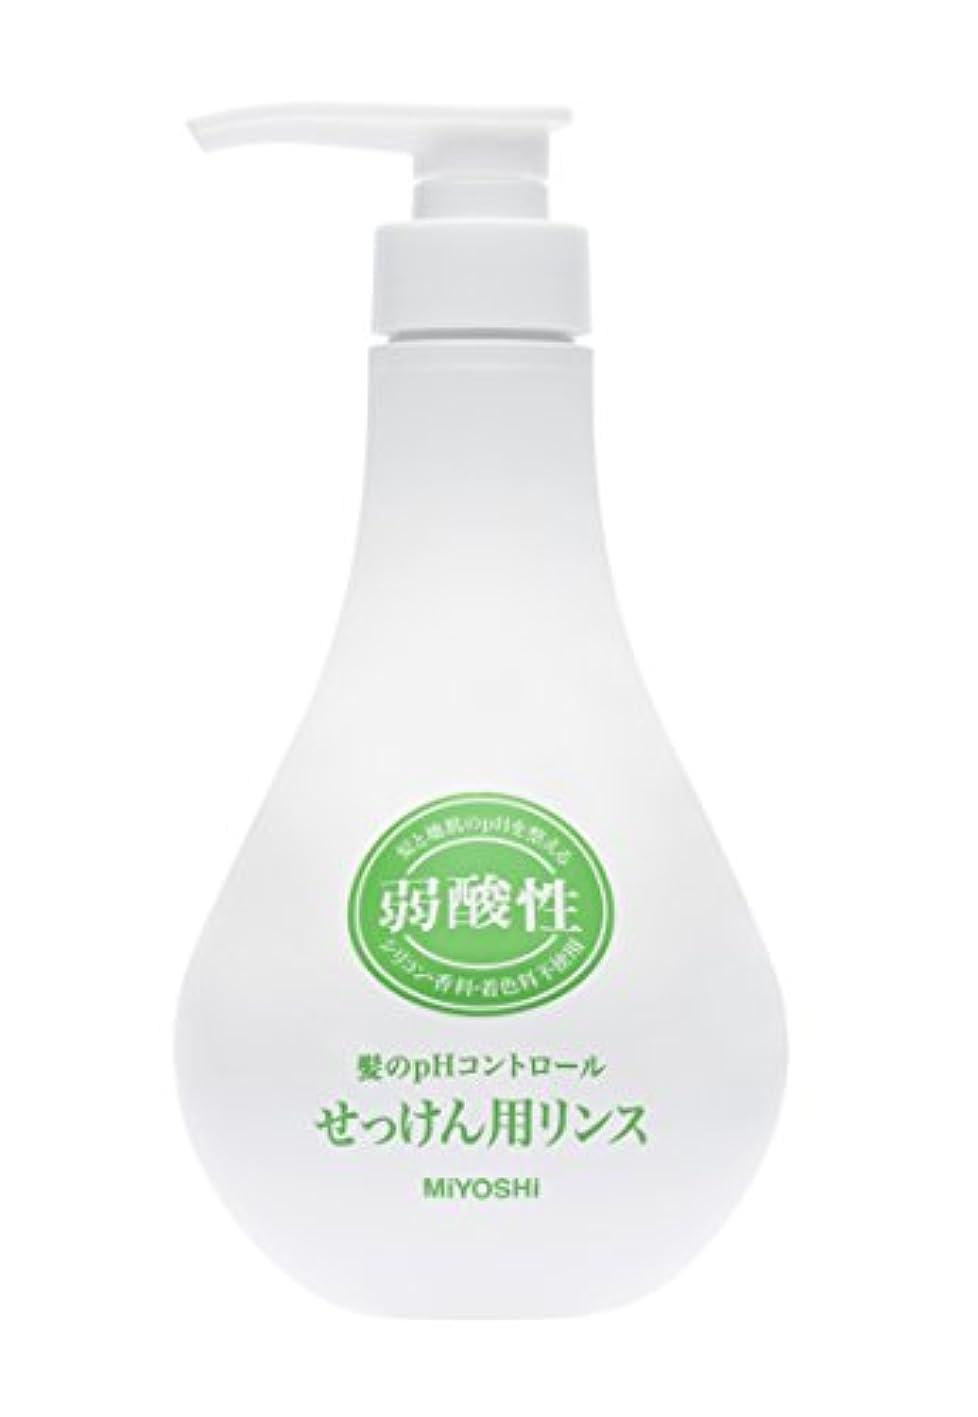 堂々たるレオナルドダ単調なミヨシ石鹸 弱酸性 せっけん用リンス リンス本体 500mL